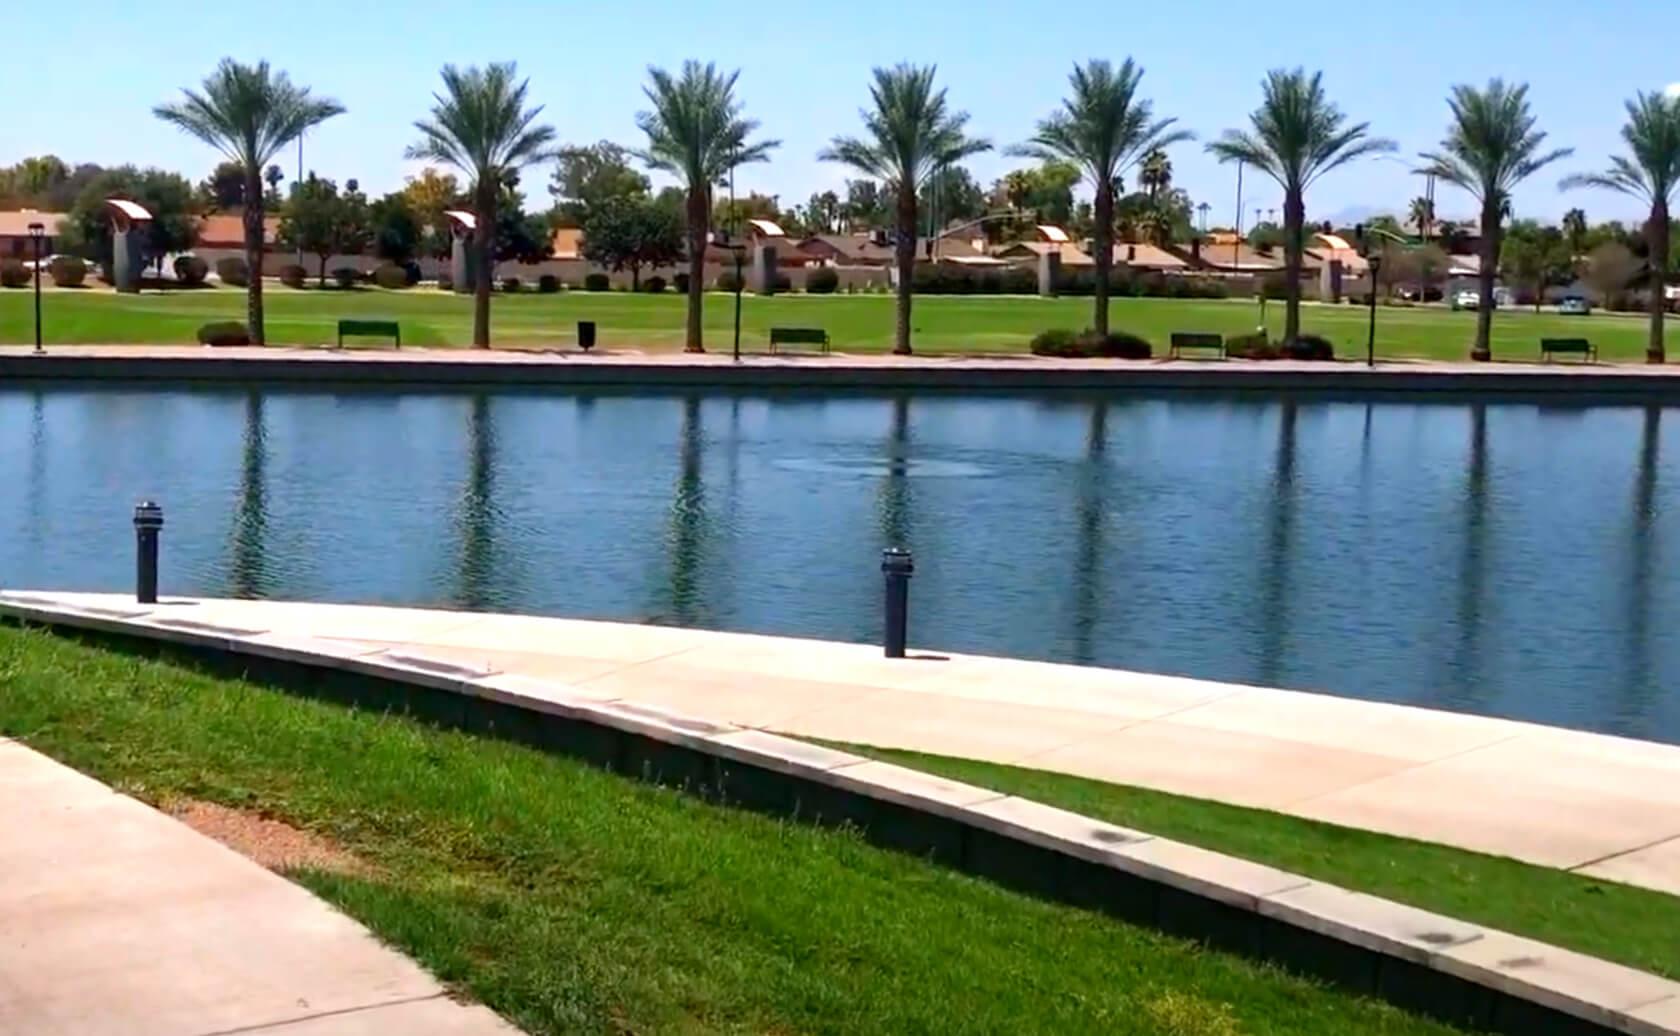 Riverview-Lake-Fishing-Guide-Mesa-AZ-02